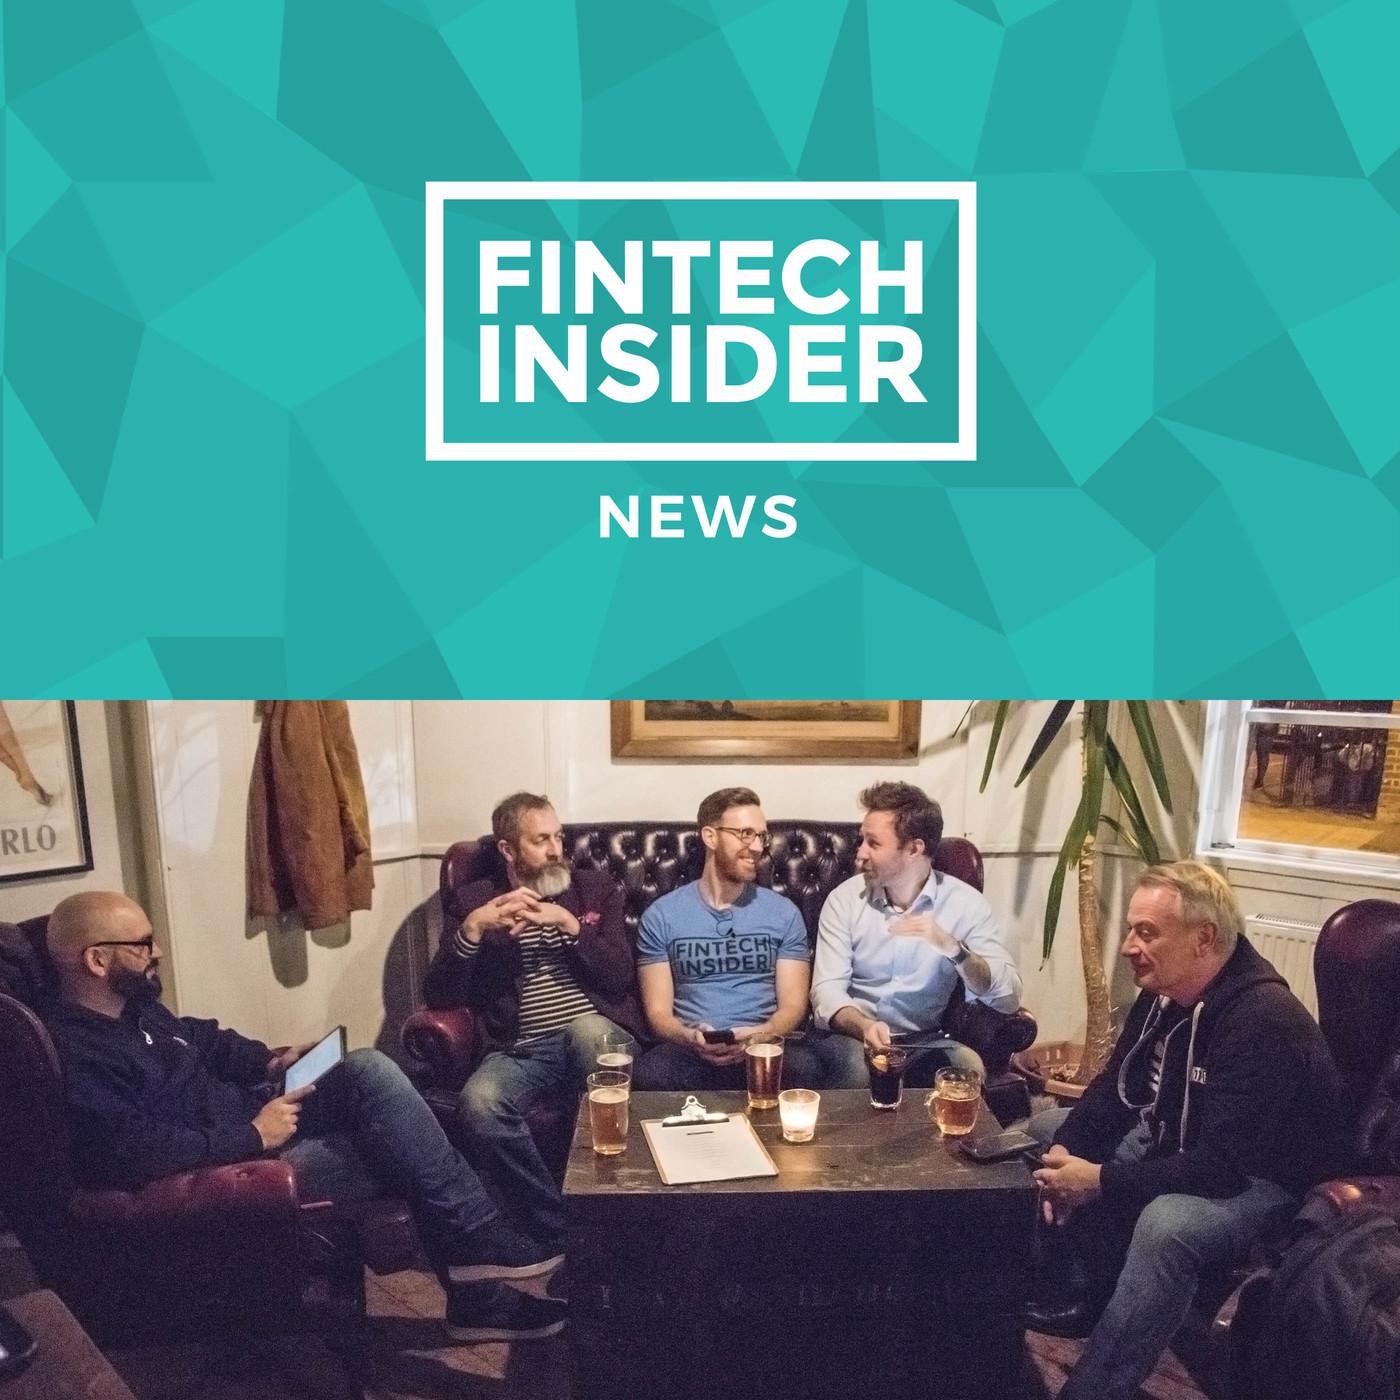 Fintech Insider by 11:FS: Ep. 172. News: Fintech Insider - The Pub Crawl